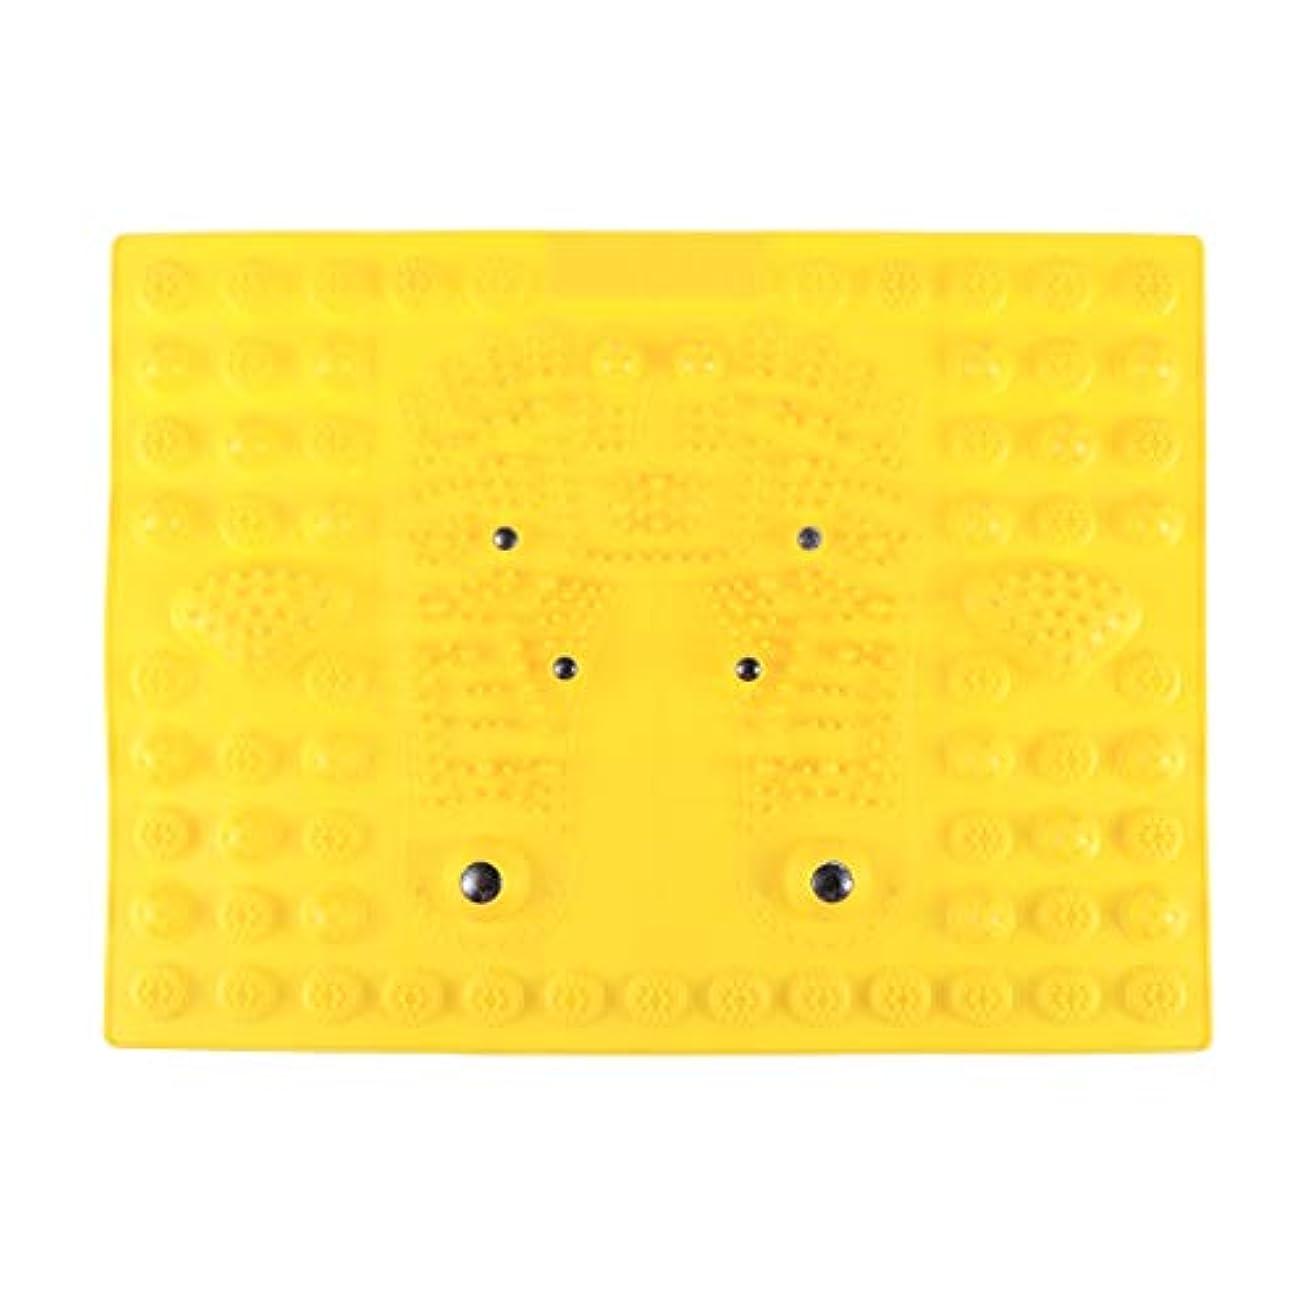 ドレス故国スズメバチSUPVOX フットマッサージマット指圧リラクゼーションリフレクソロジーマット磁気療法フィートマット(イエロー)